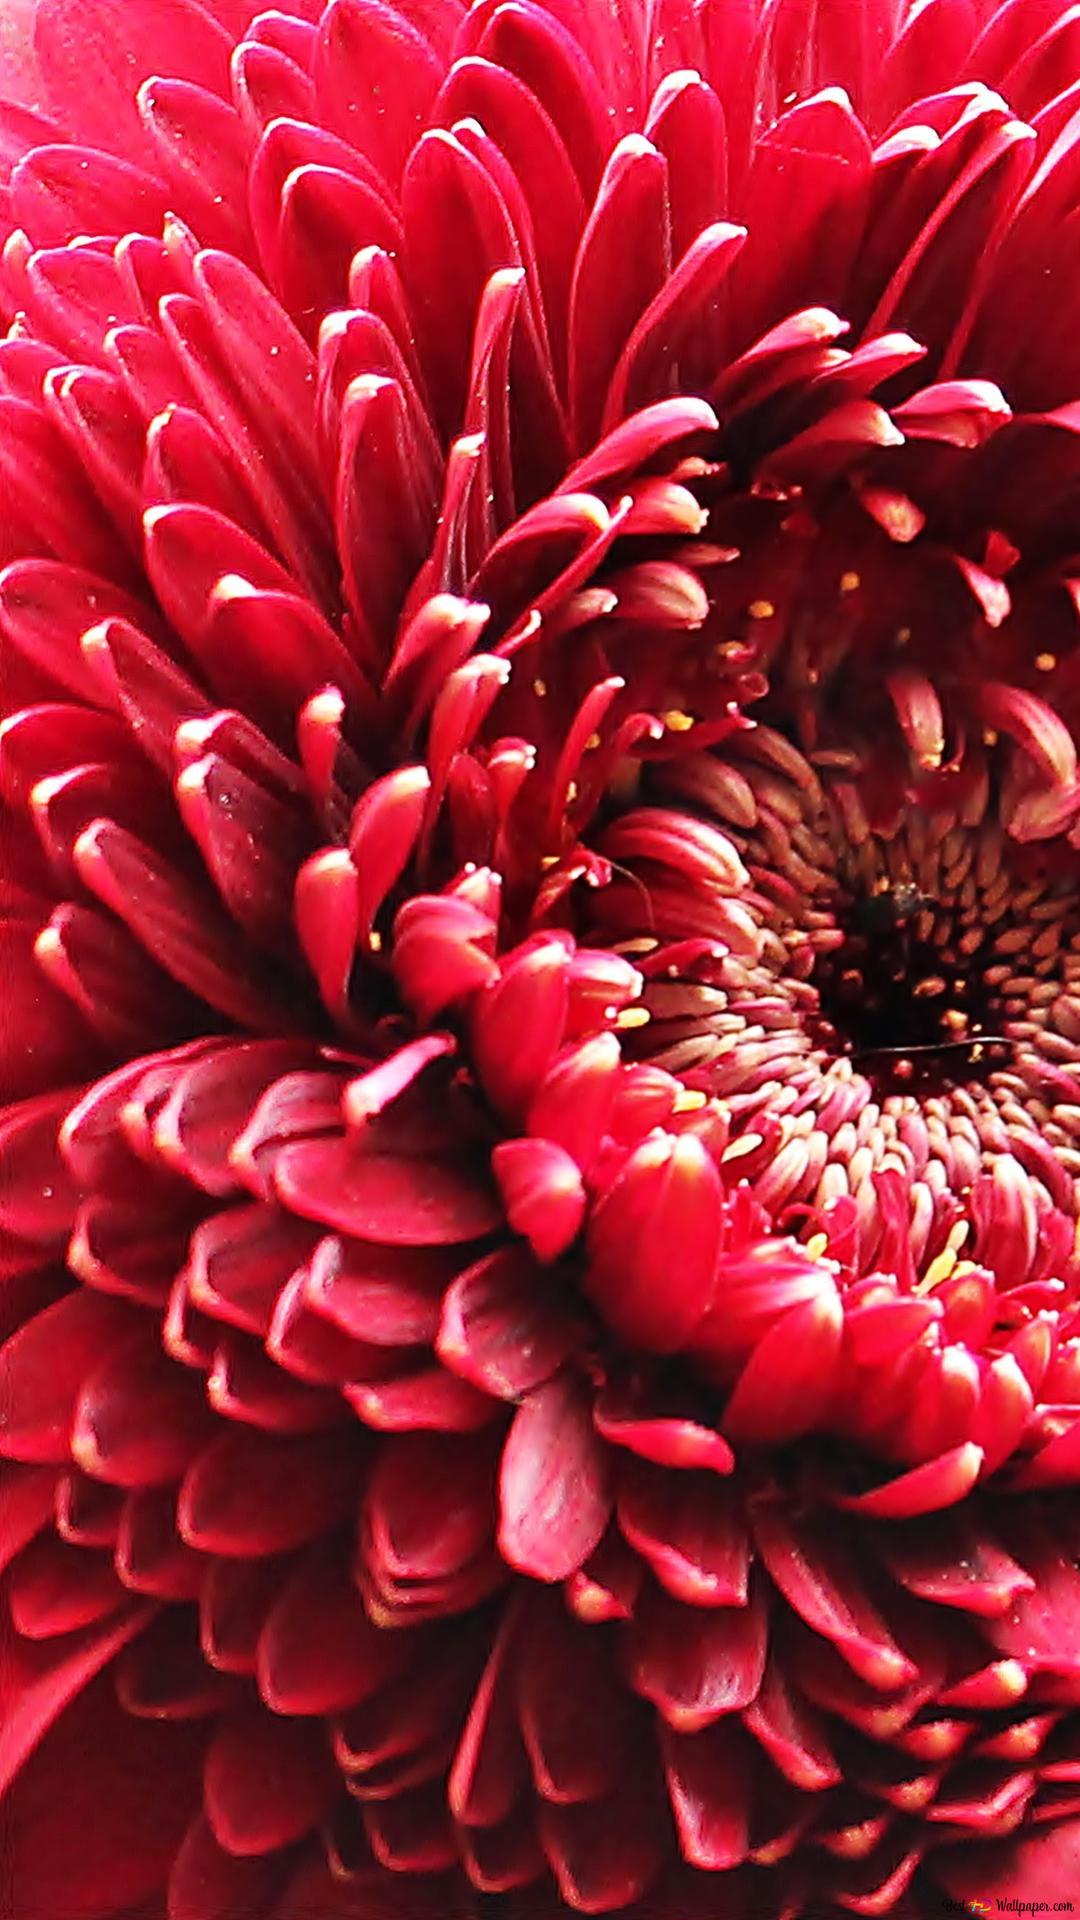 赤いガーベラの花 Hd壁紙のダウンロード